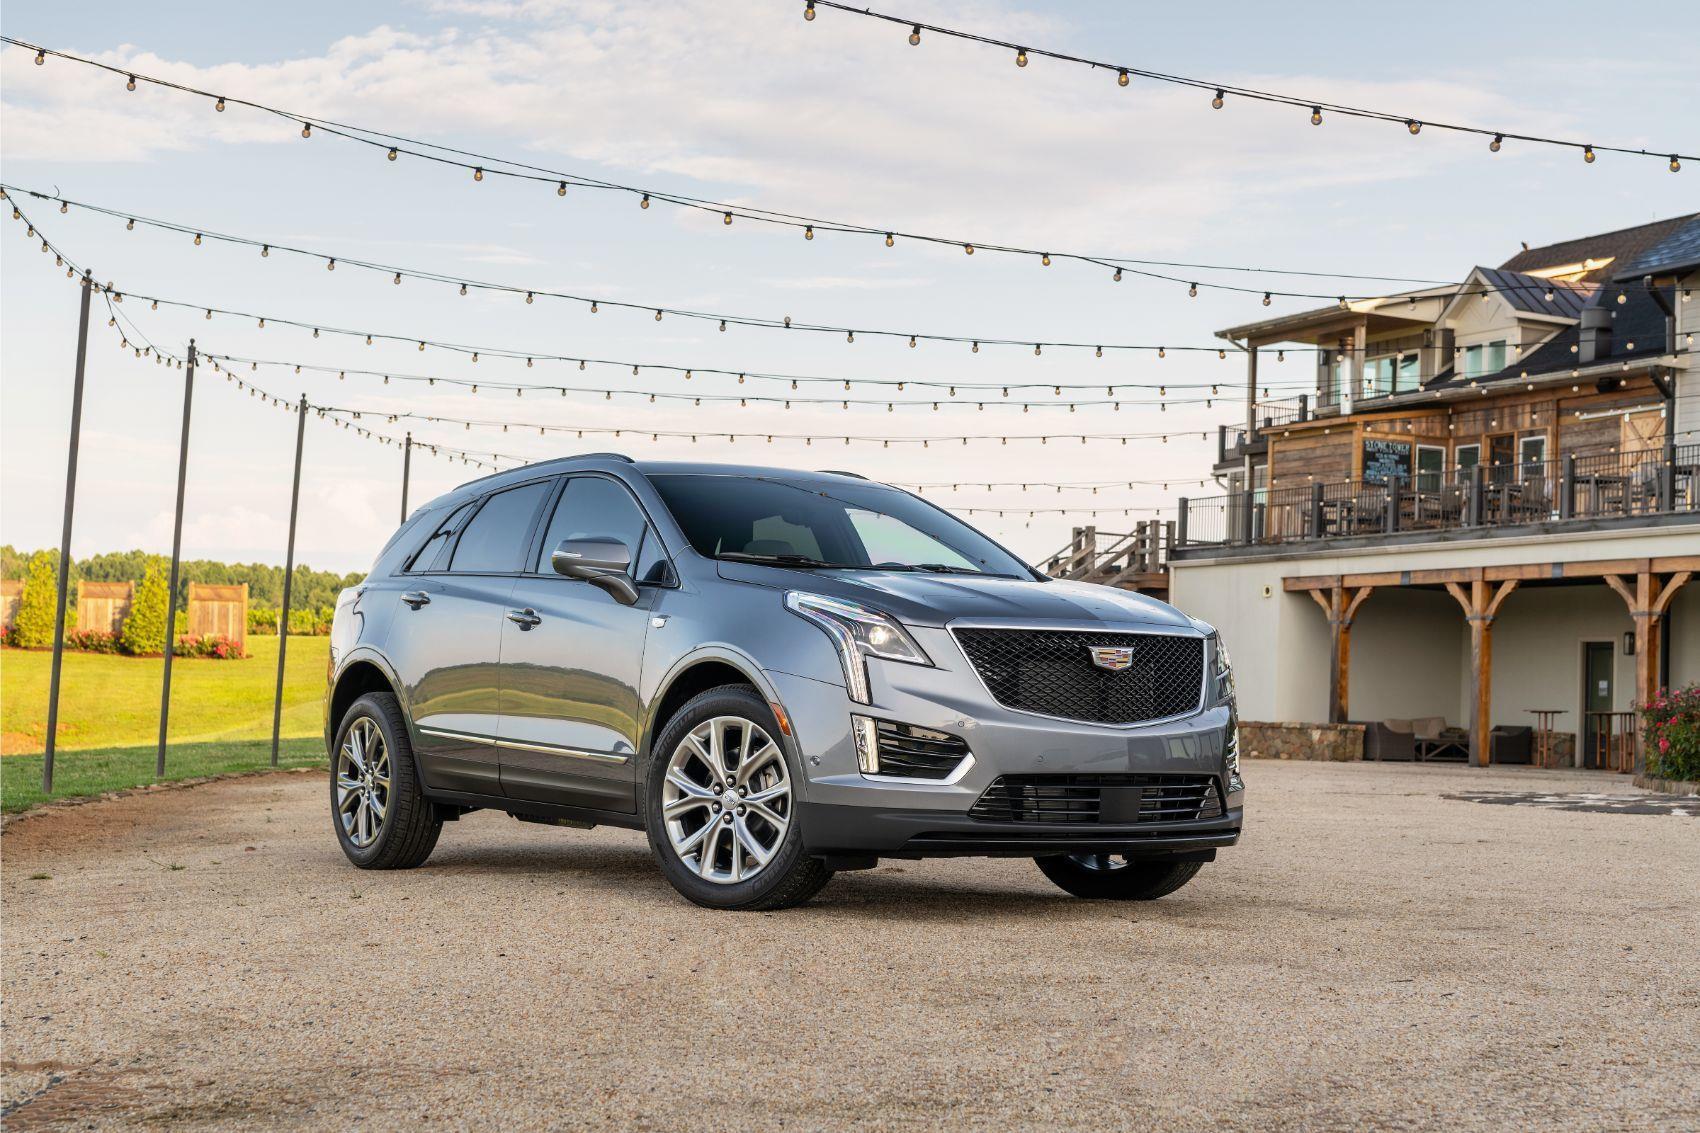 2020 Cadillac XT5: бестселлер Caddy получает все обновления Lotta!